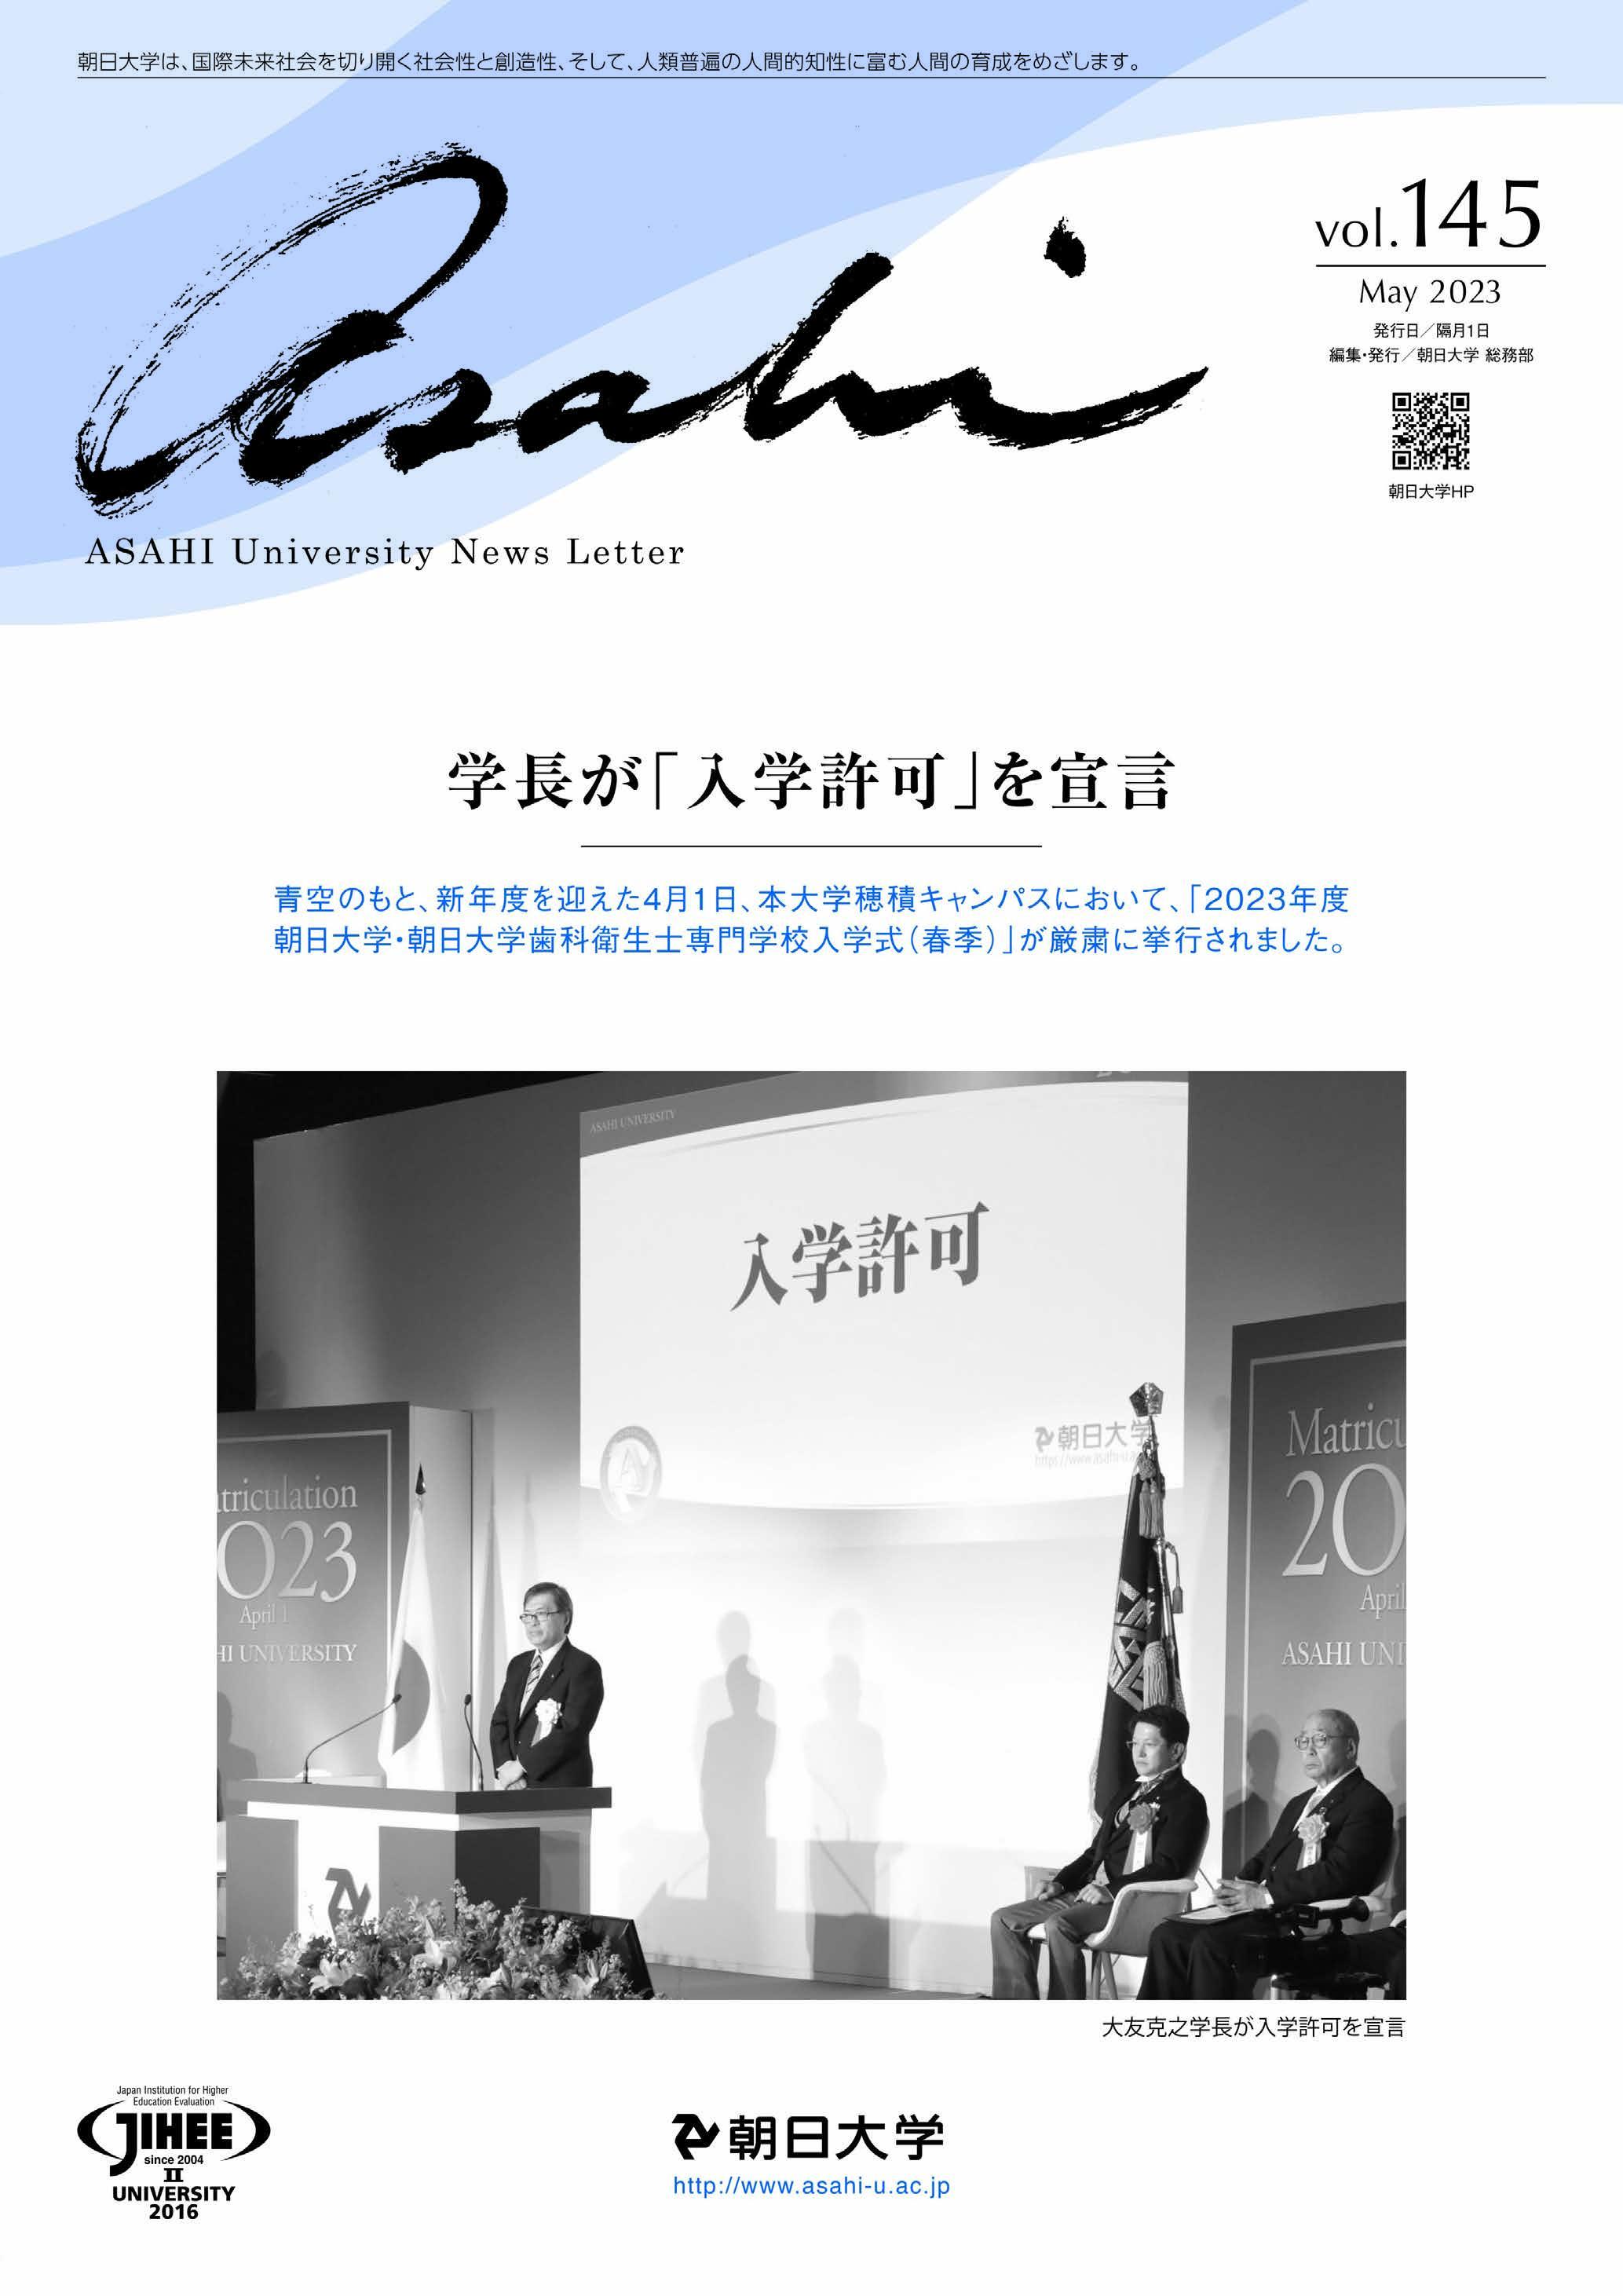 大学広報誌「ASAHI NEWS LETTER」